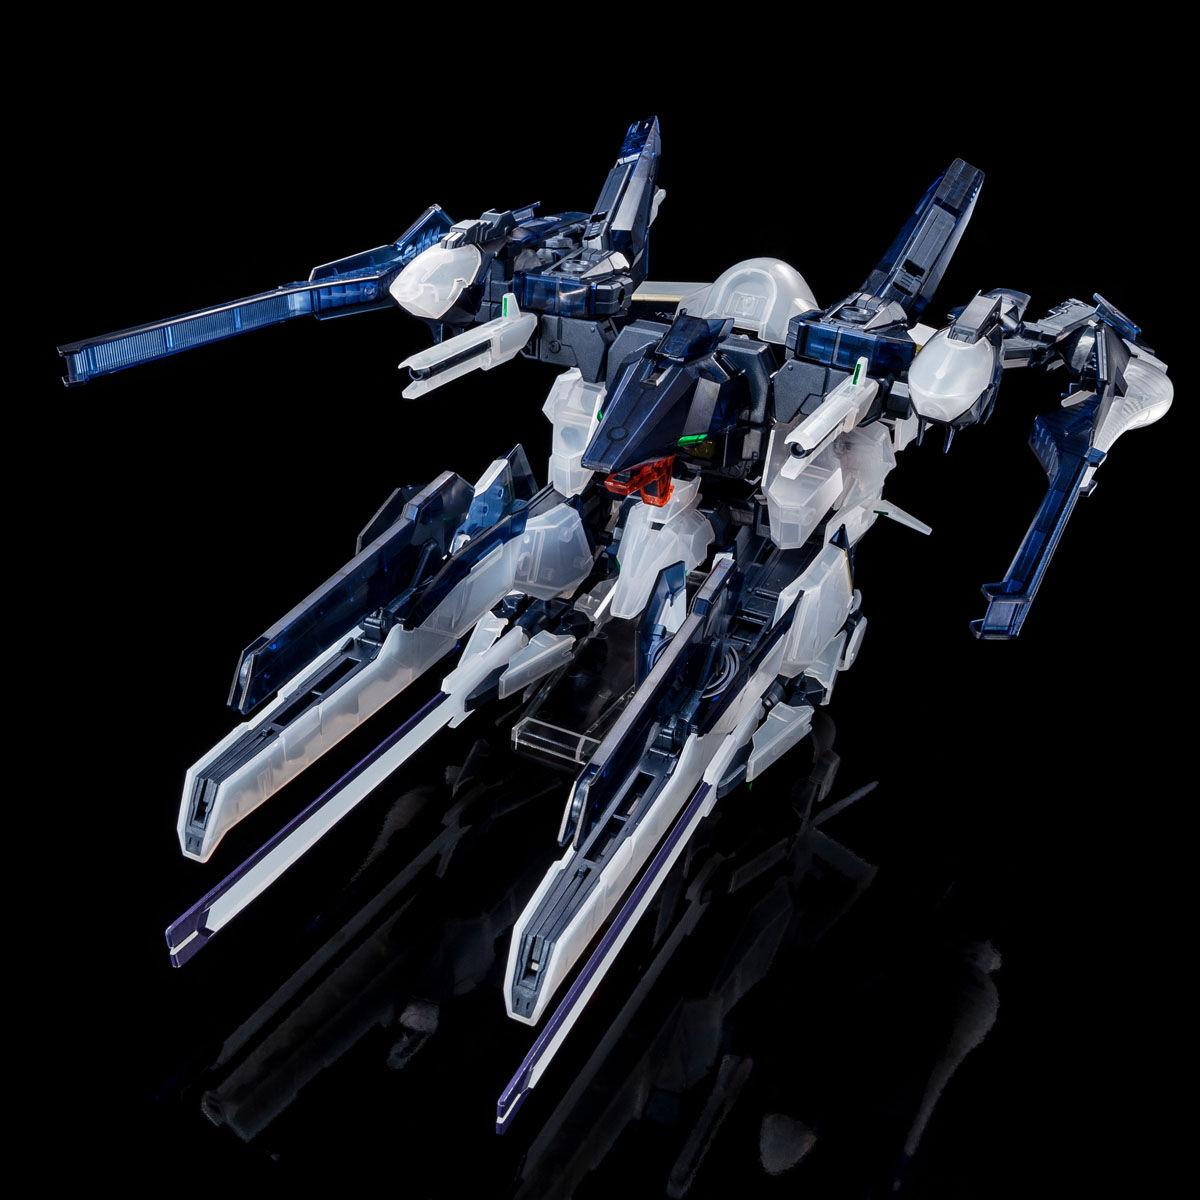 【限定販売】HG 1/144『ガンダムTR-6[ハイゼンスレイII・ラー][クリアカラー]』AOZ プラモデル-006